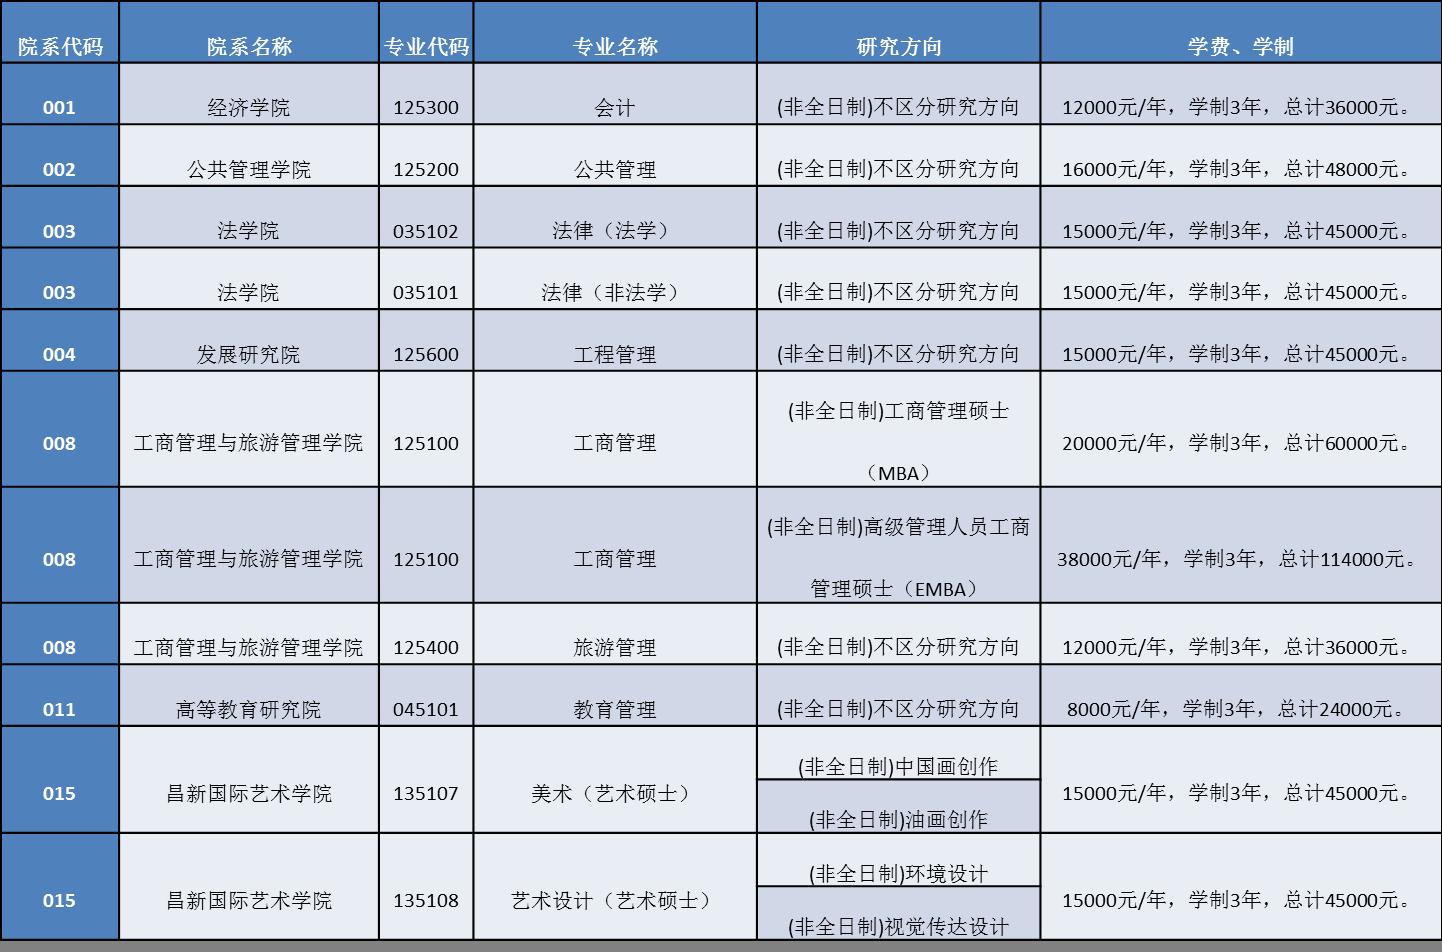 (二) 奖助学金   1、研究生国家助学金   研究生国家助学金的资助对象为云南大学具有中华人民共和国国籍,且纳入国家研究生招生计划的所有全日制研究生(有固定工资收入的除外)。博士研究生资助标准每生每年13000元,硕士研究生资助标准每生每年6000元。   2、研究生学业奖学金   研究生学业奖学金用于奖励在学习、科研、社会实践等方面表现优异,德、智、体、美全面发展的优秀硕士、博士研究生。评选范围包括云南大学基本学制年限内在读,具有中华人民共和国国籍,入学时在规定时间内将人事档案转入学校的全日制非